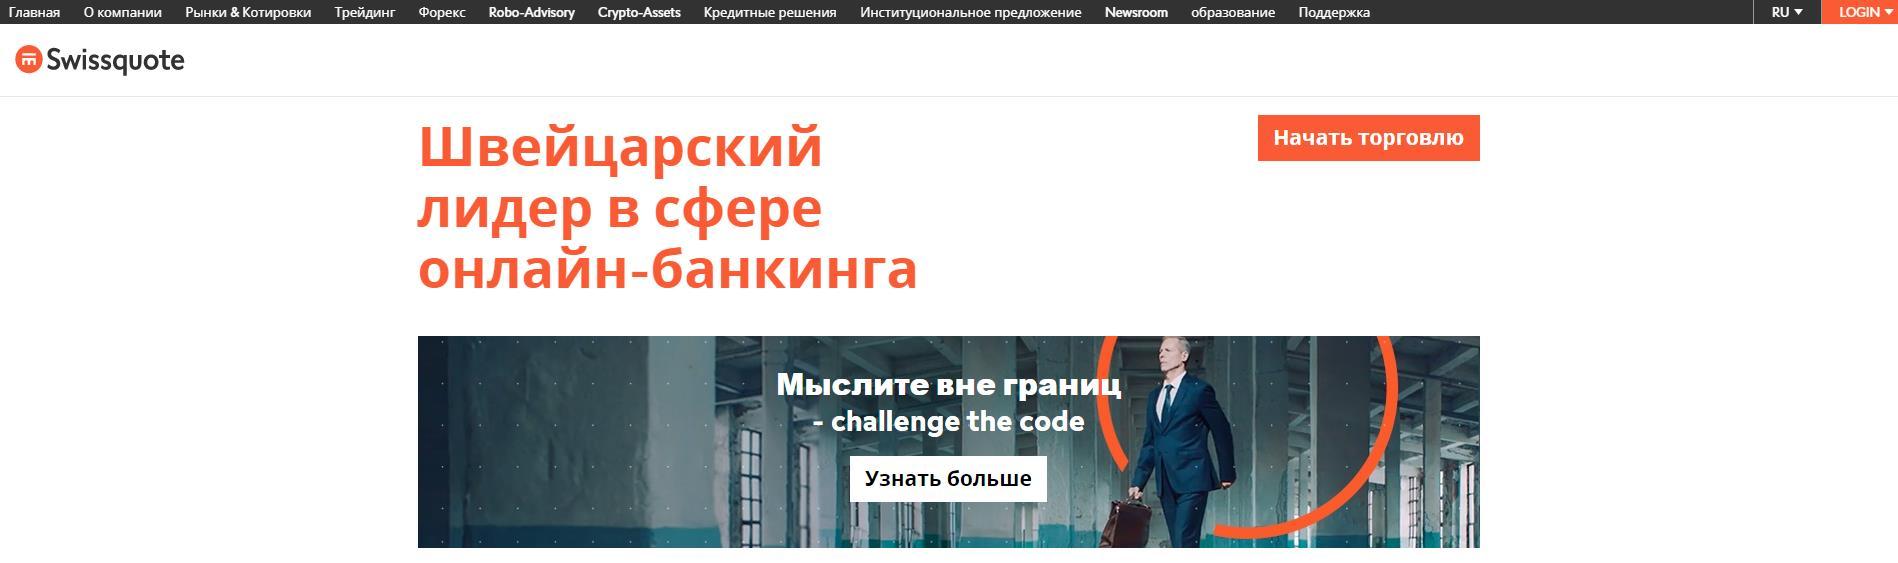 официальный сайт swissquote